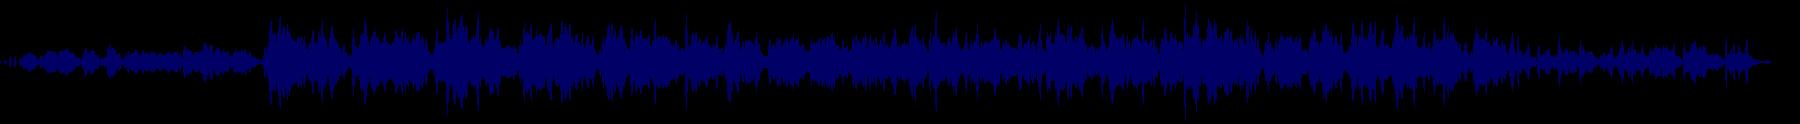 waveform of track #70677